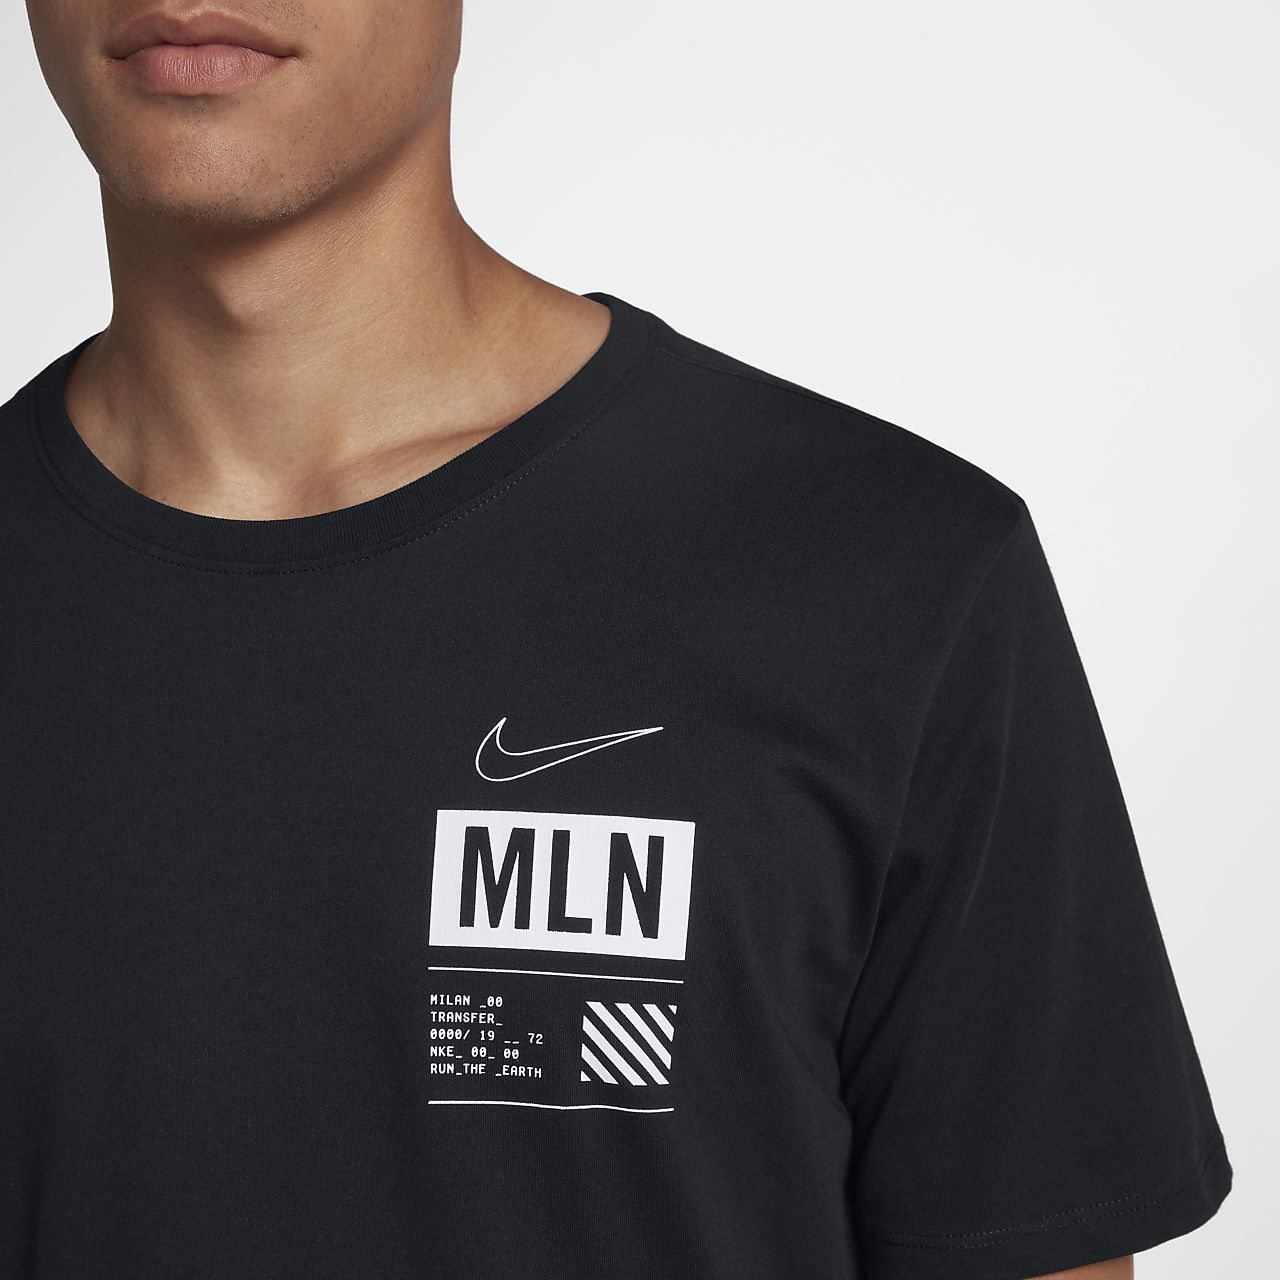 d440189ce7 Nike Dri-FIT (Milan) férfi futópóló. Nike.com HU